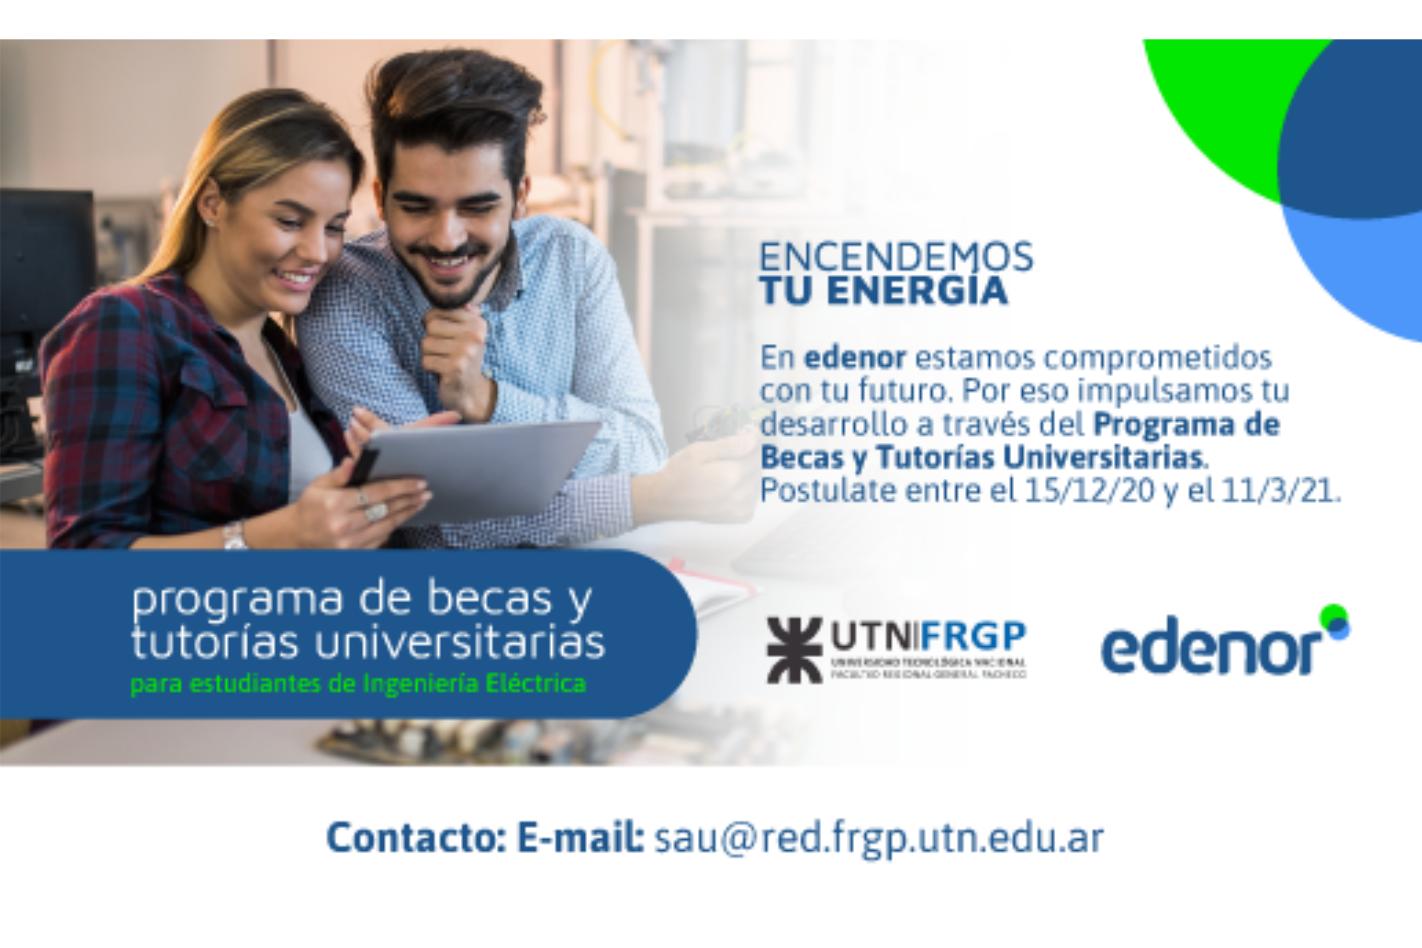 Programa de Becas y Tutorías Universitarias de Edenor